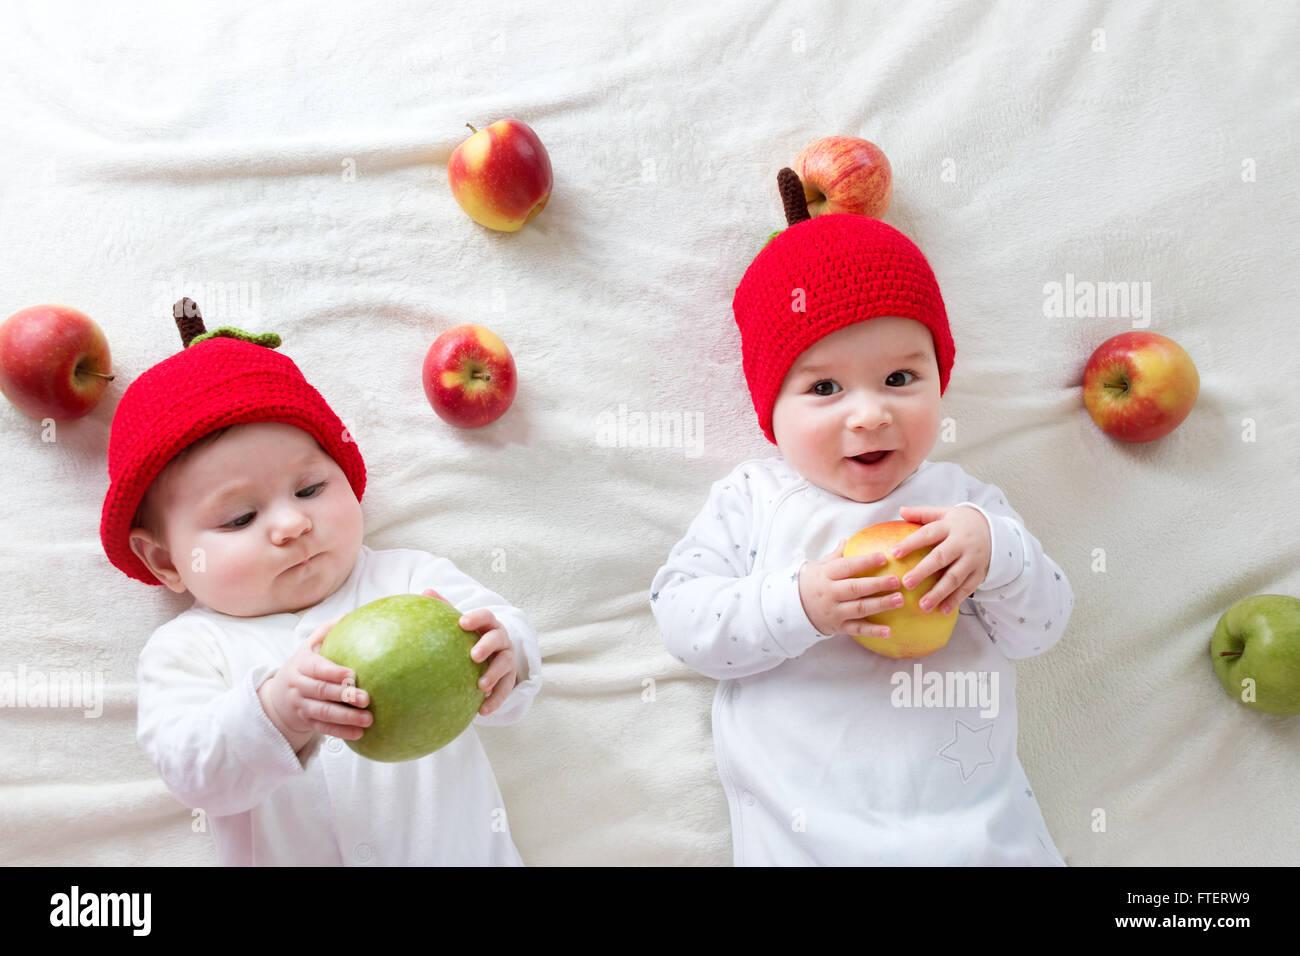 Dos lindos bebés acostado en sombreros en Manta suave con manzanas Foto de stock